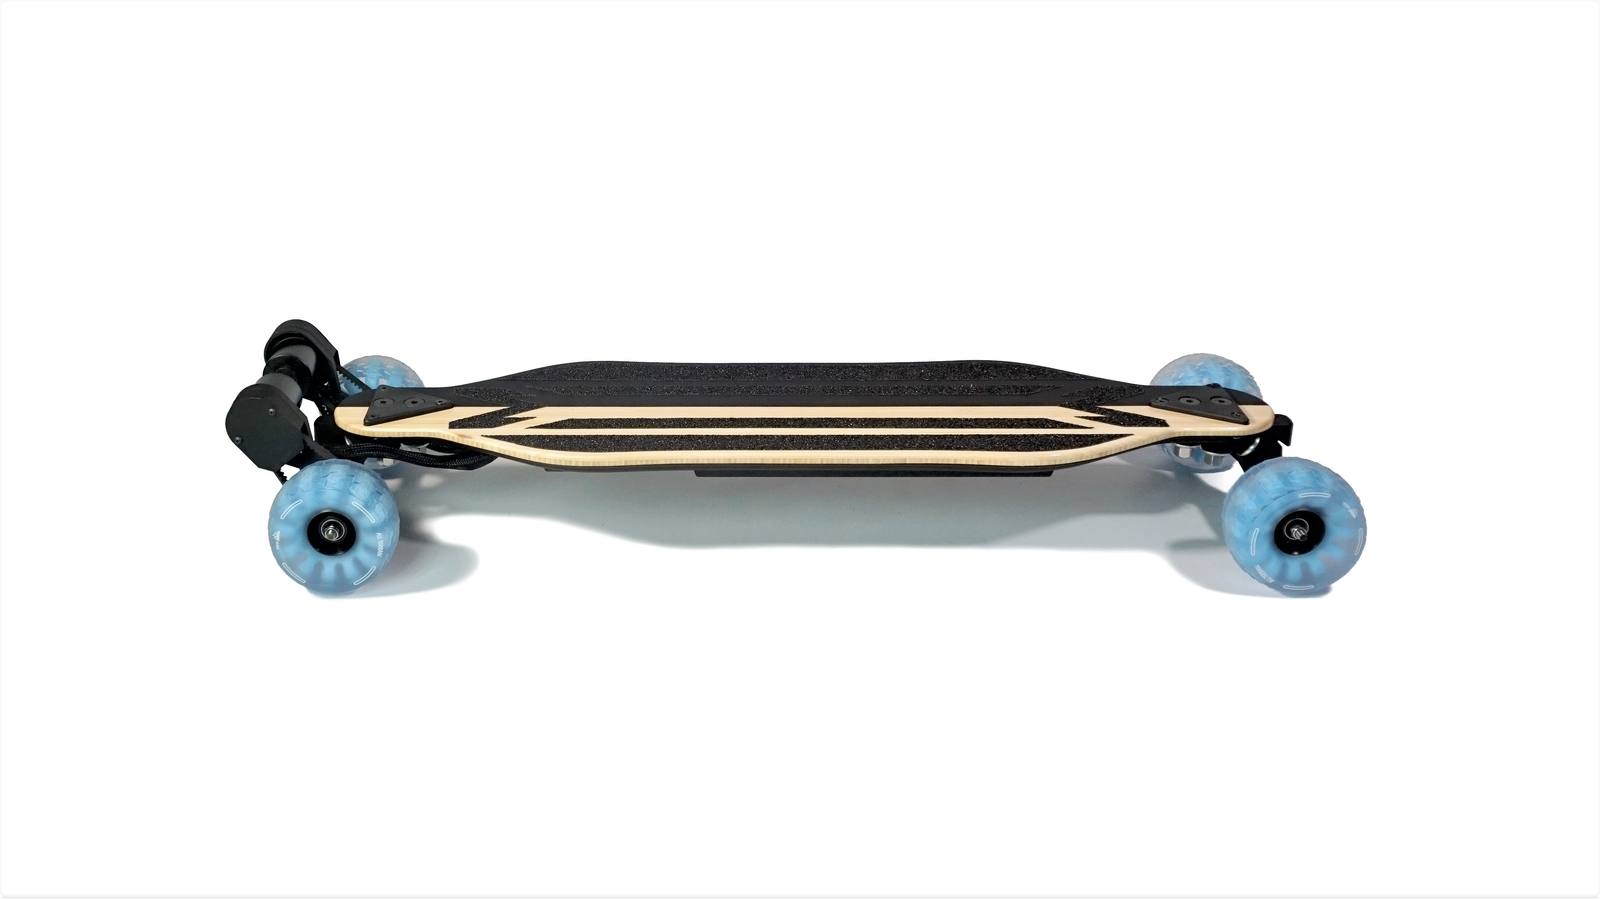 Board Configuration